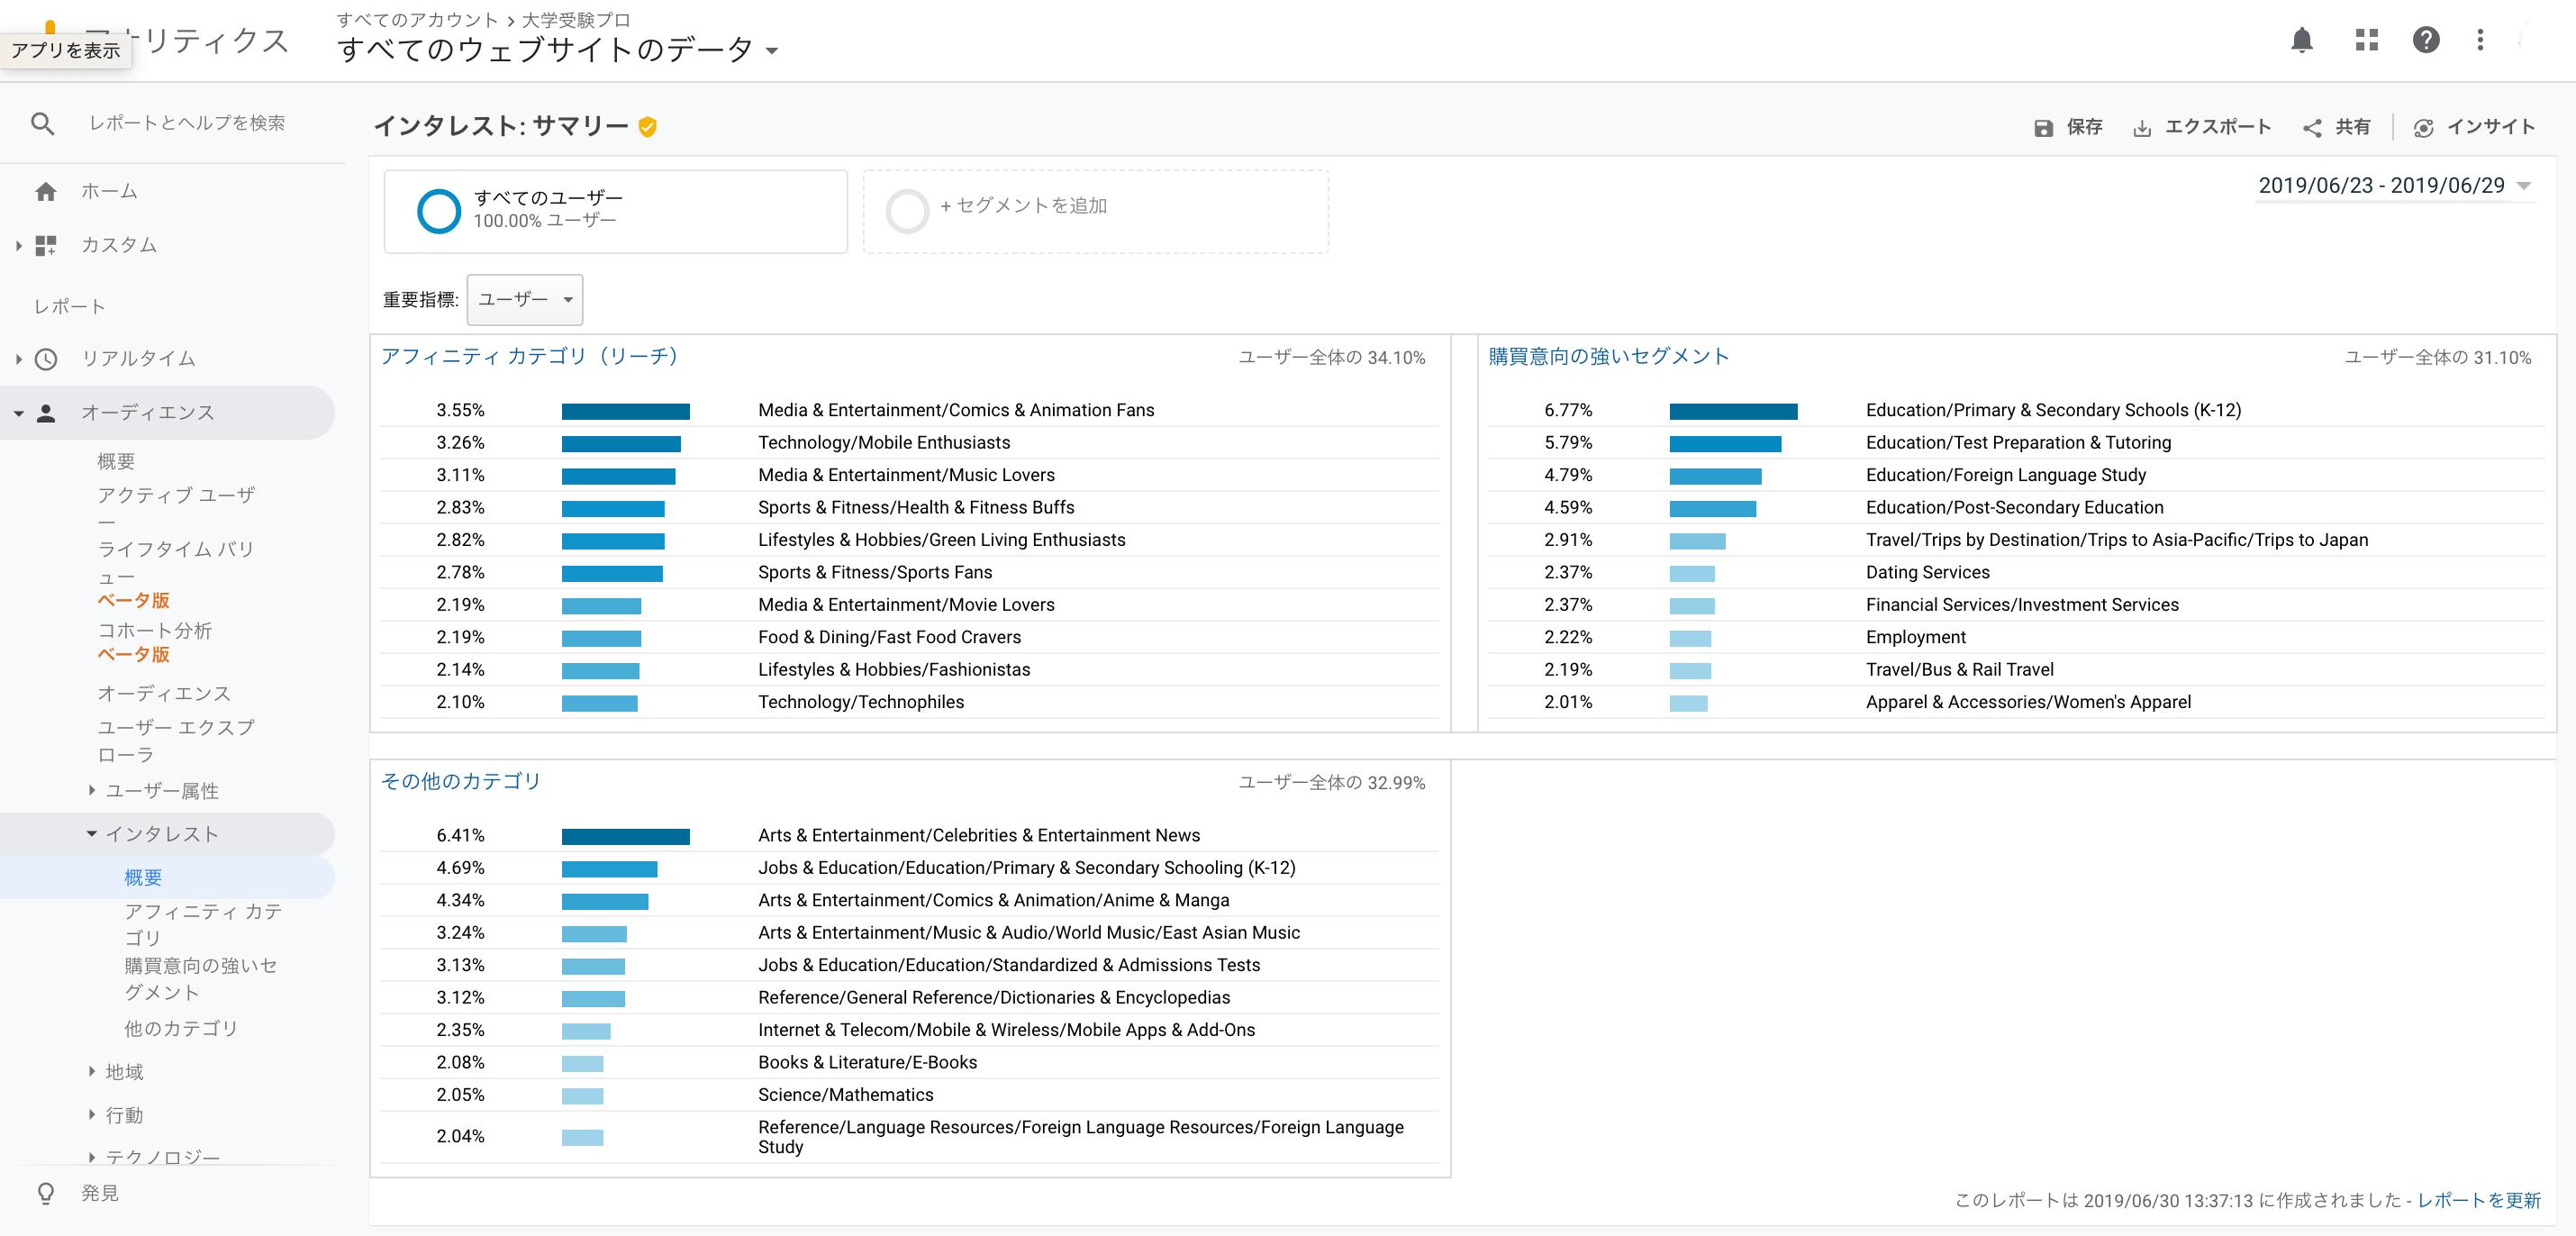 google analyticsのユーザーレポートのインタレスト